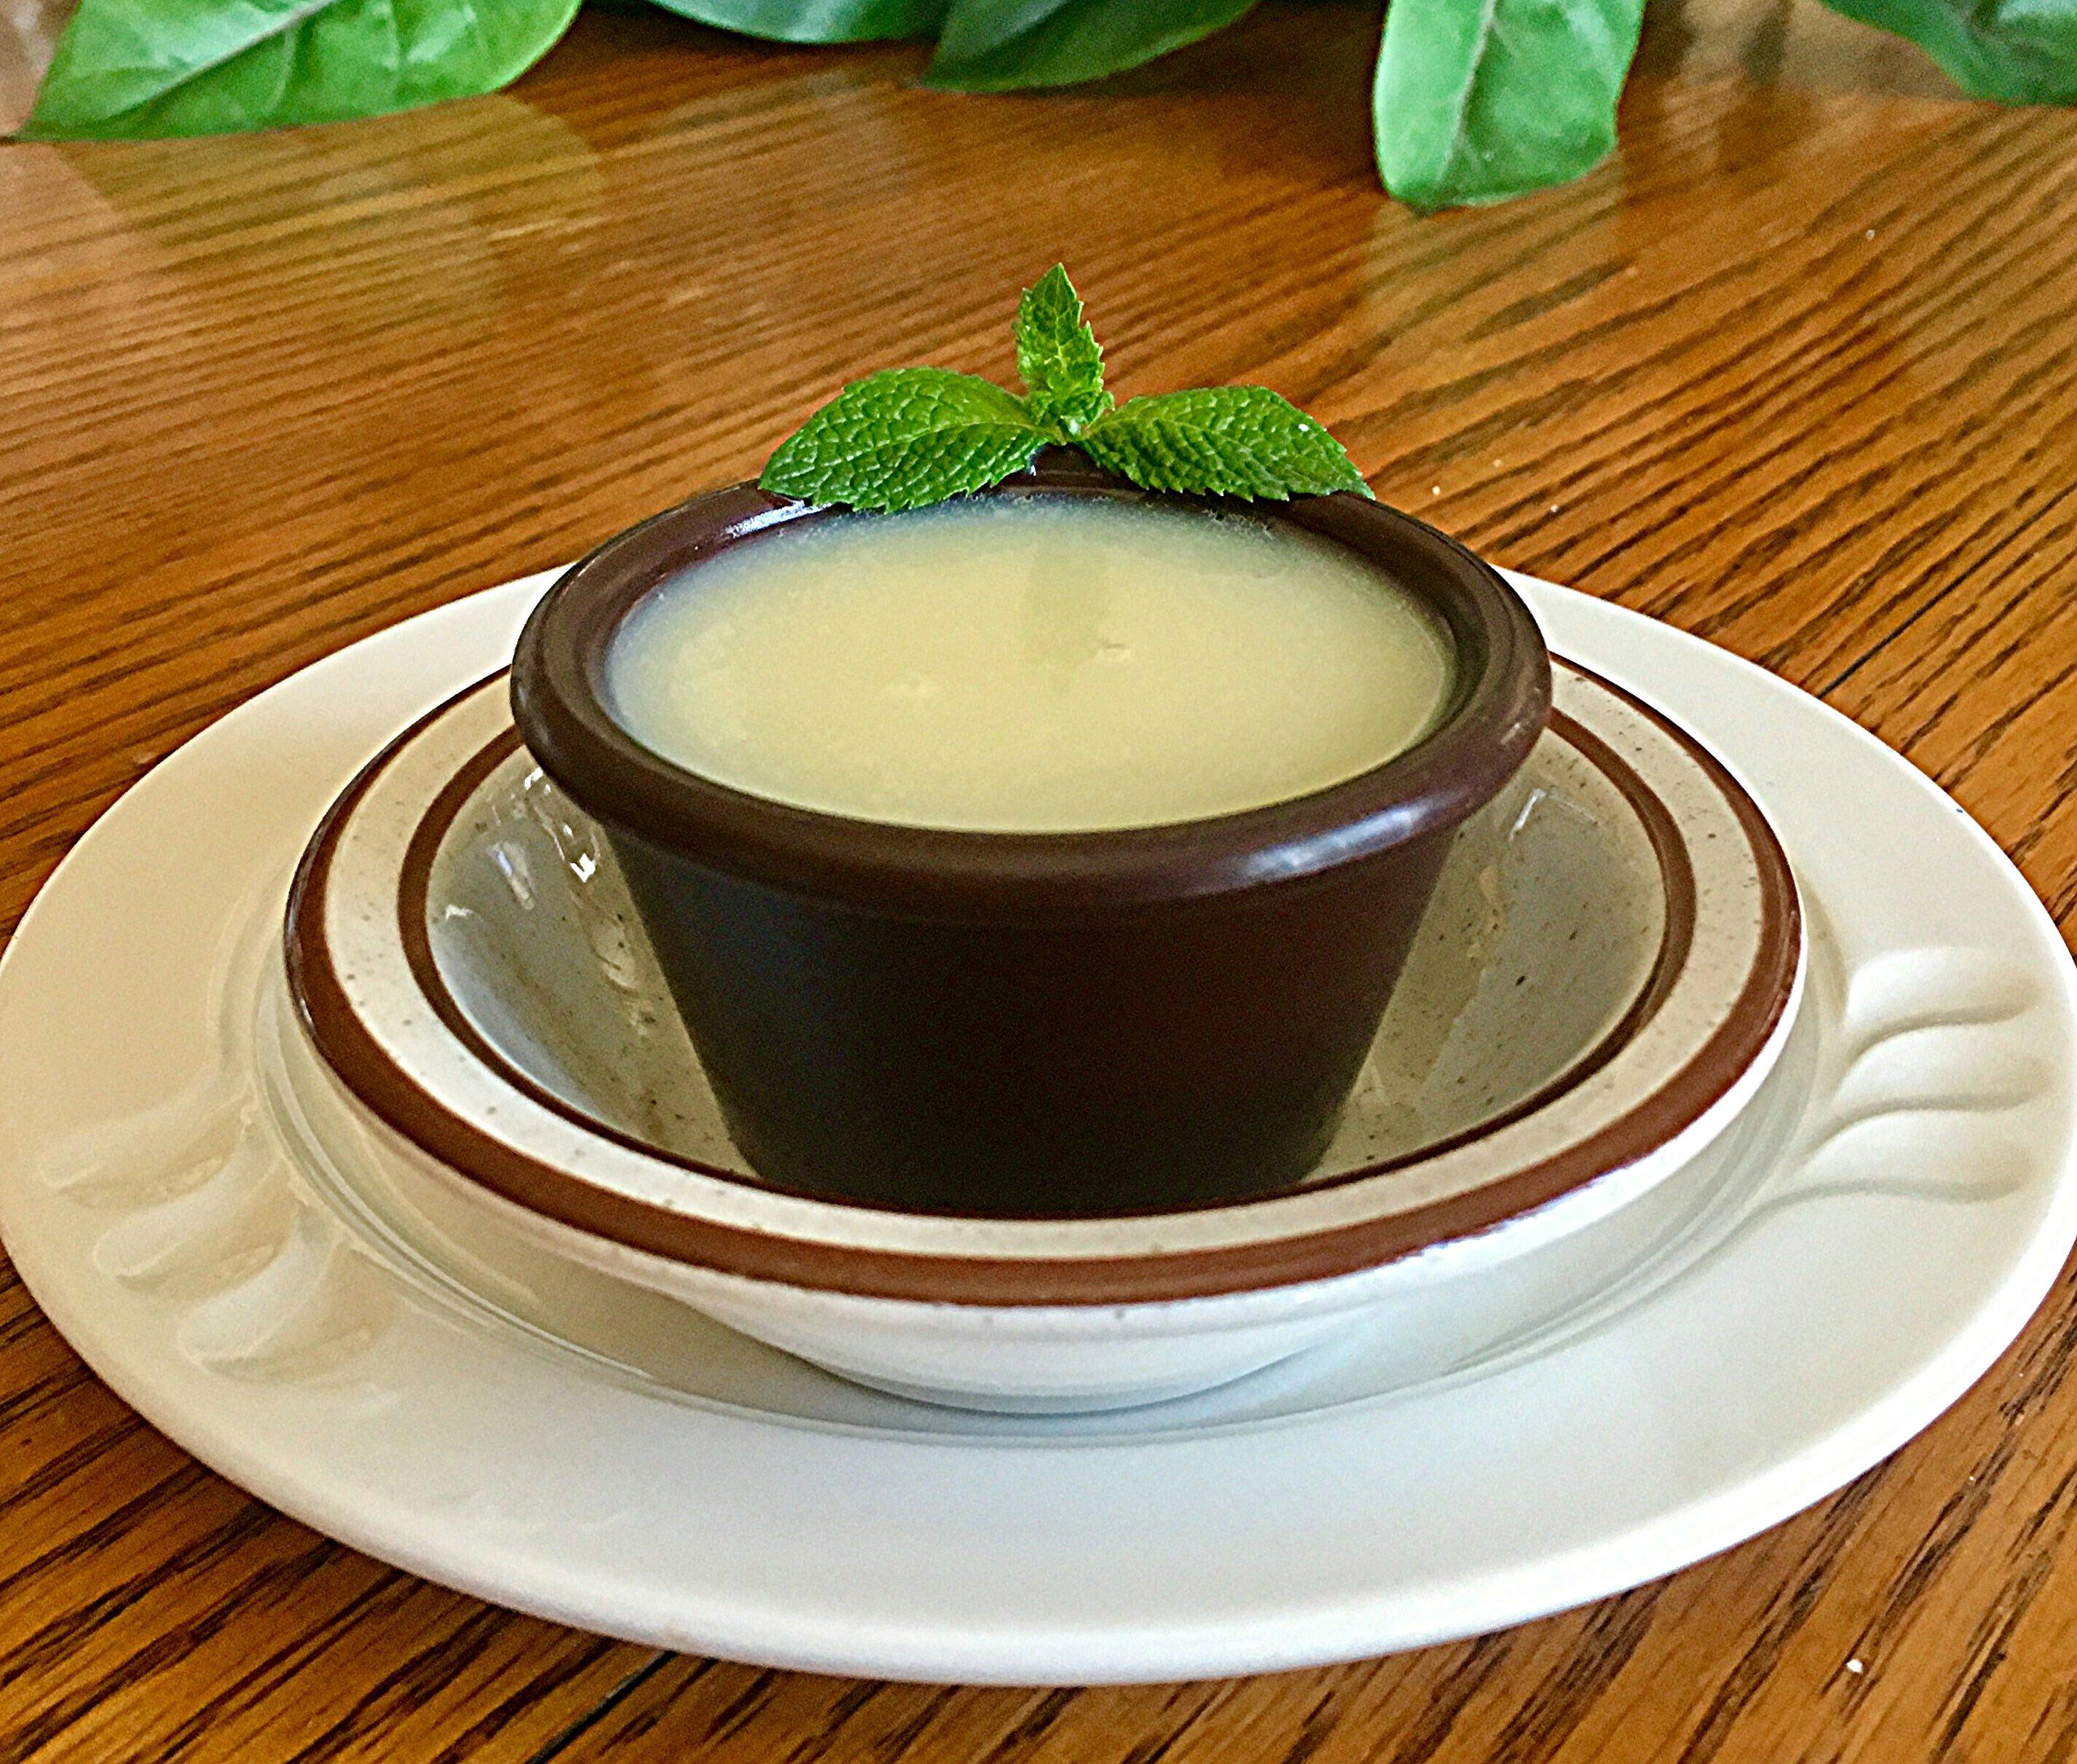 Easy White Chocolate Ganache